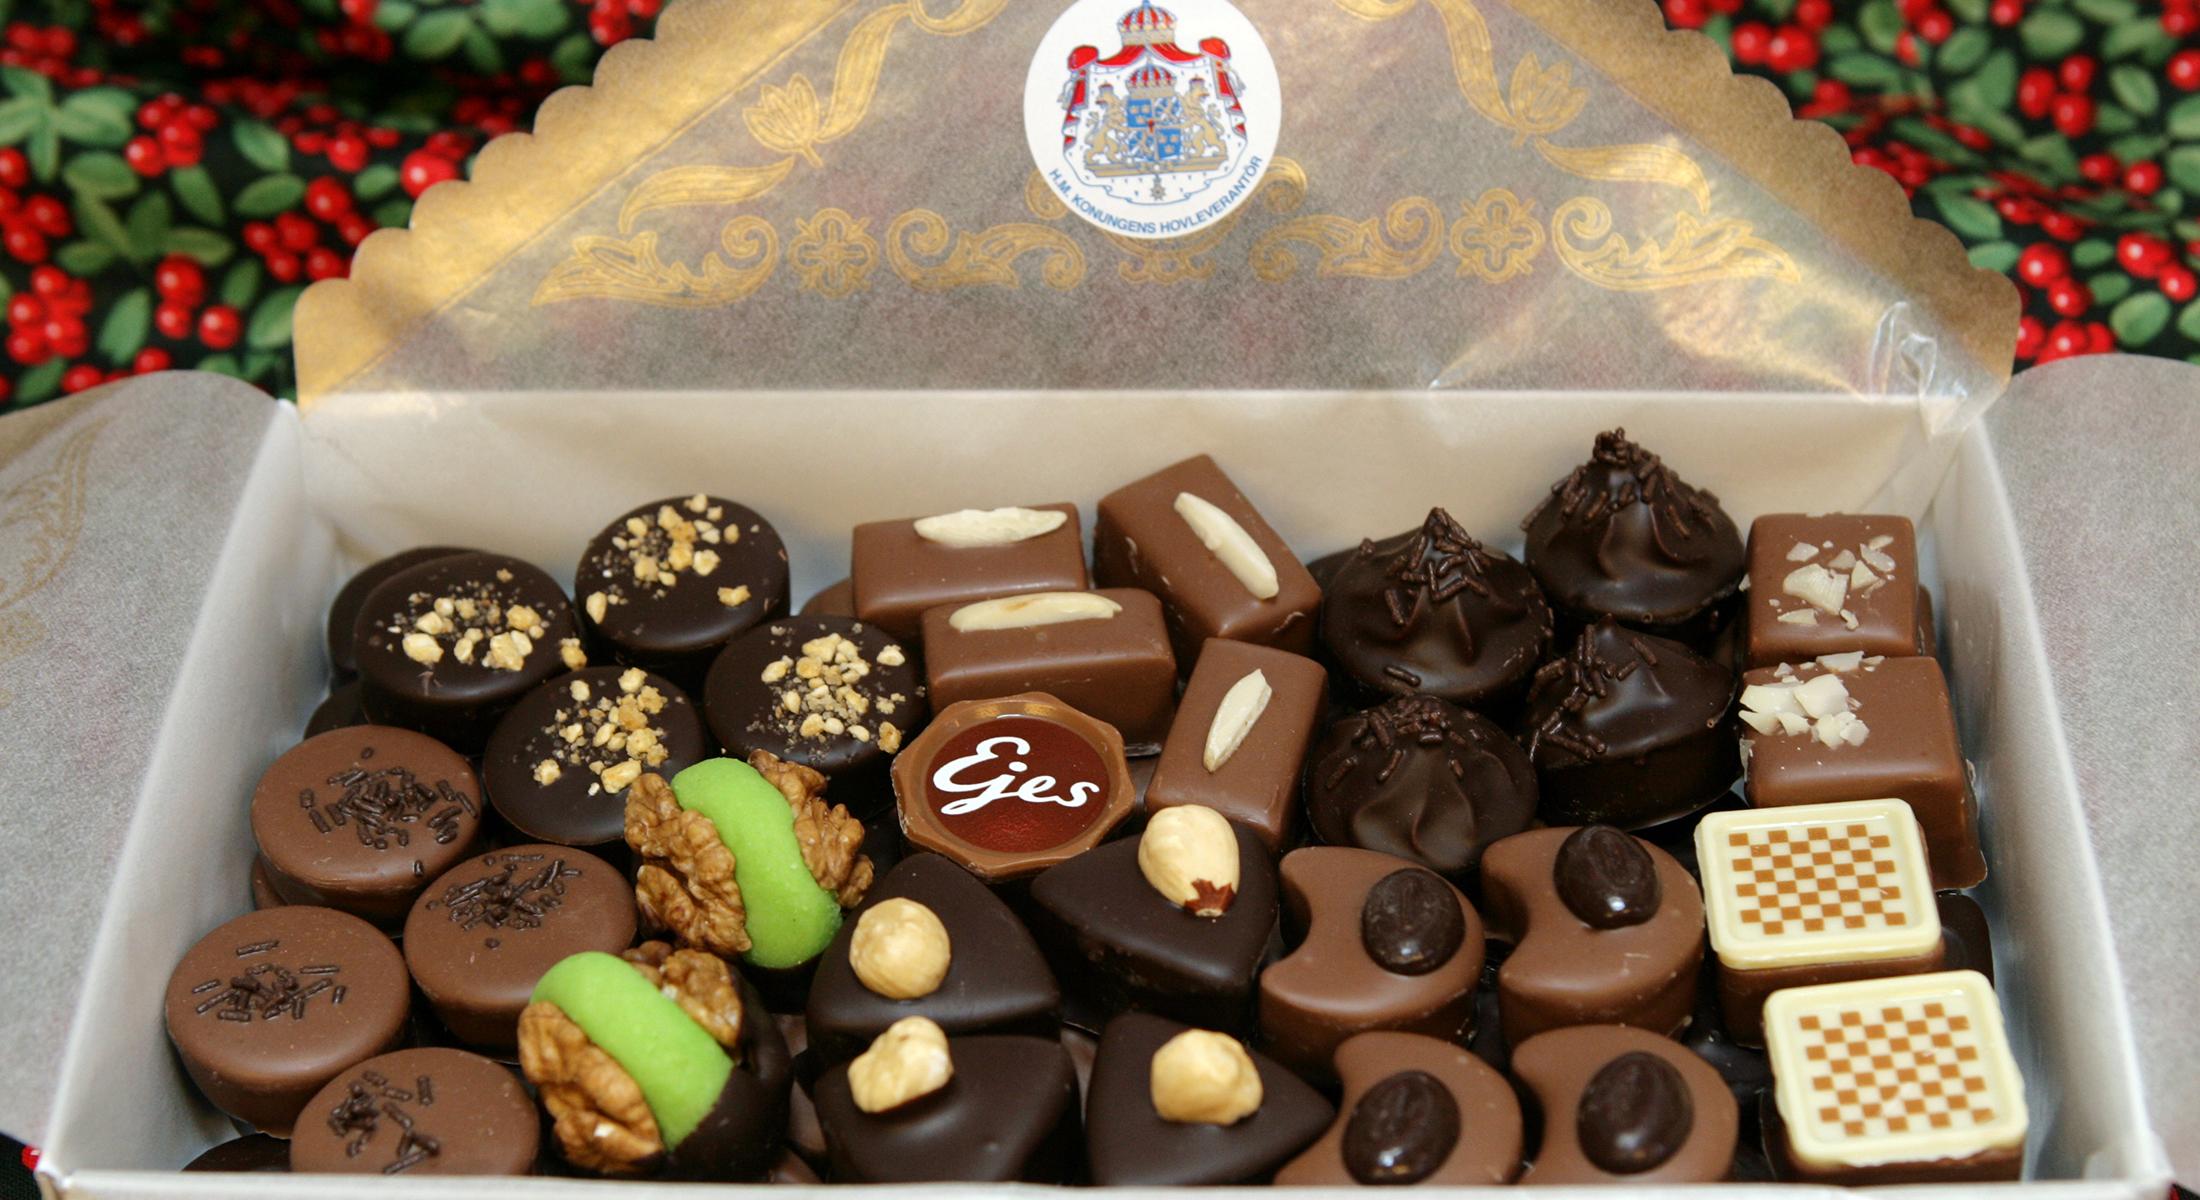 ejes choklad stockholm